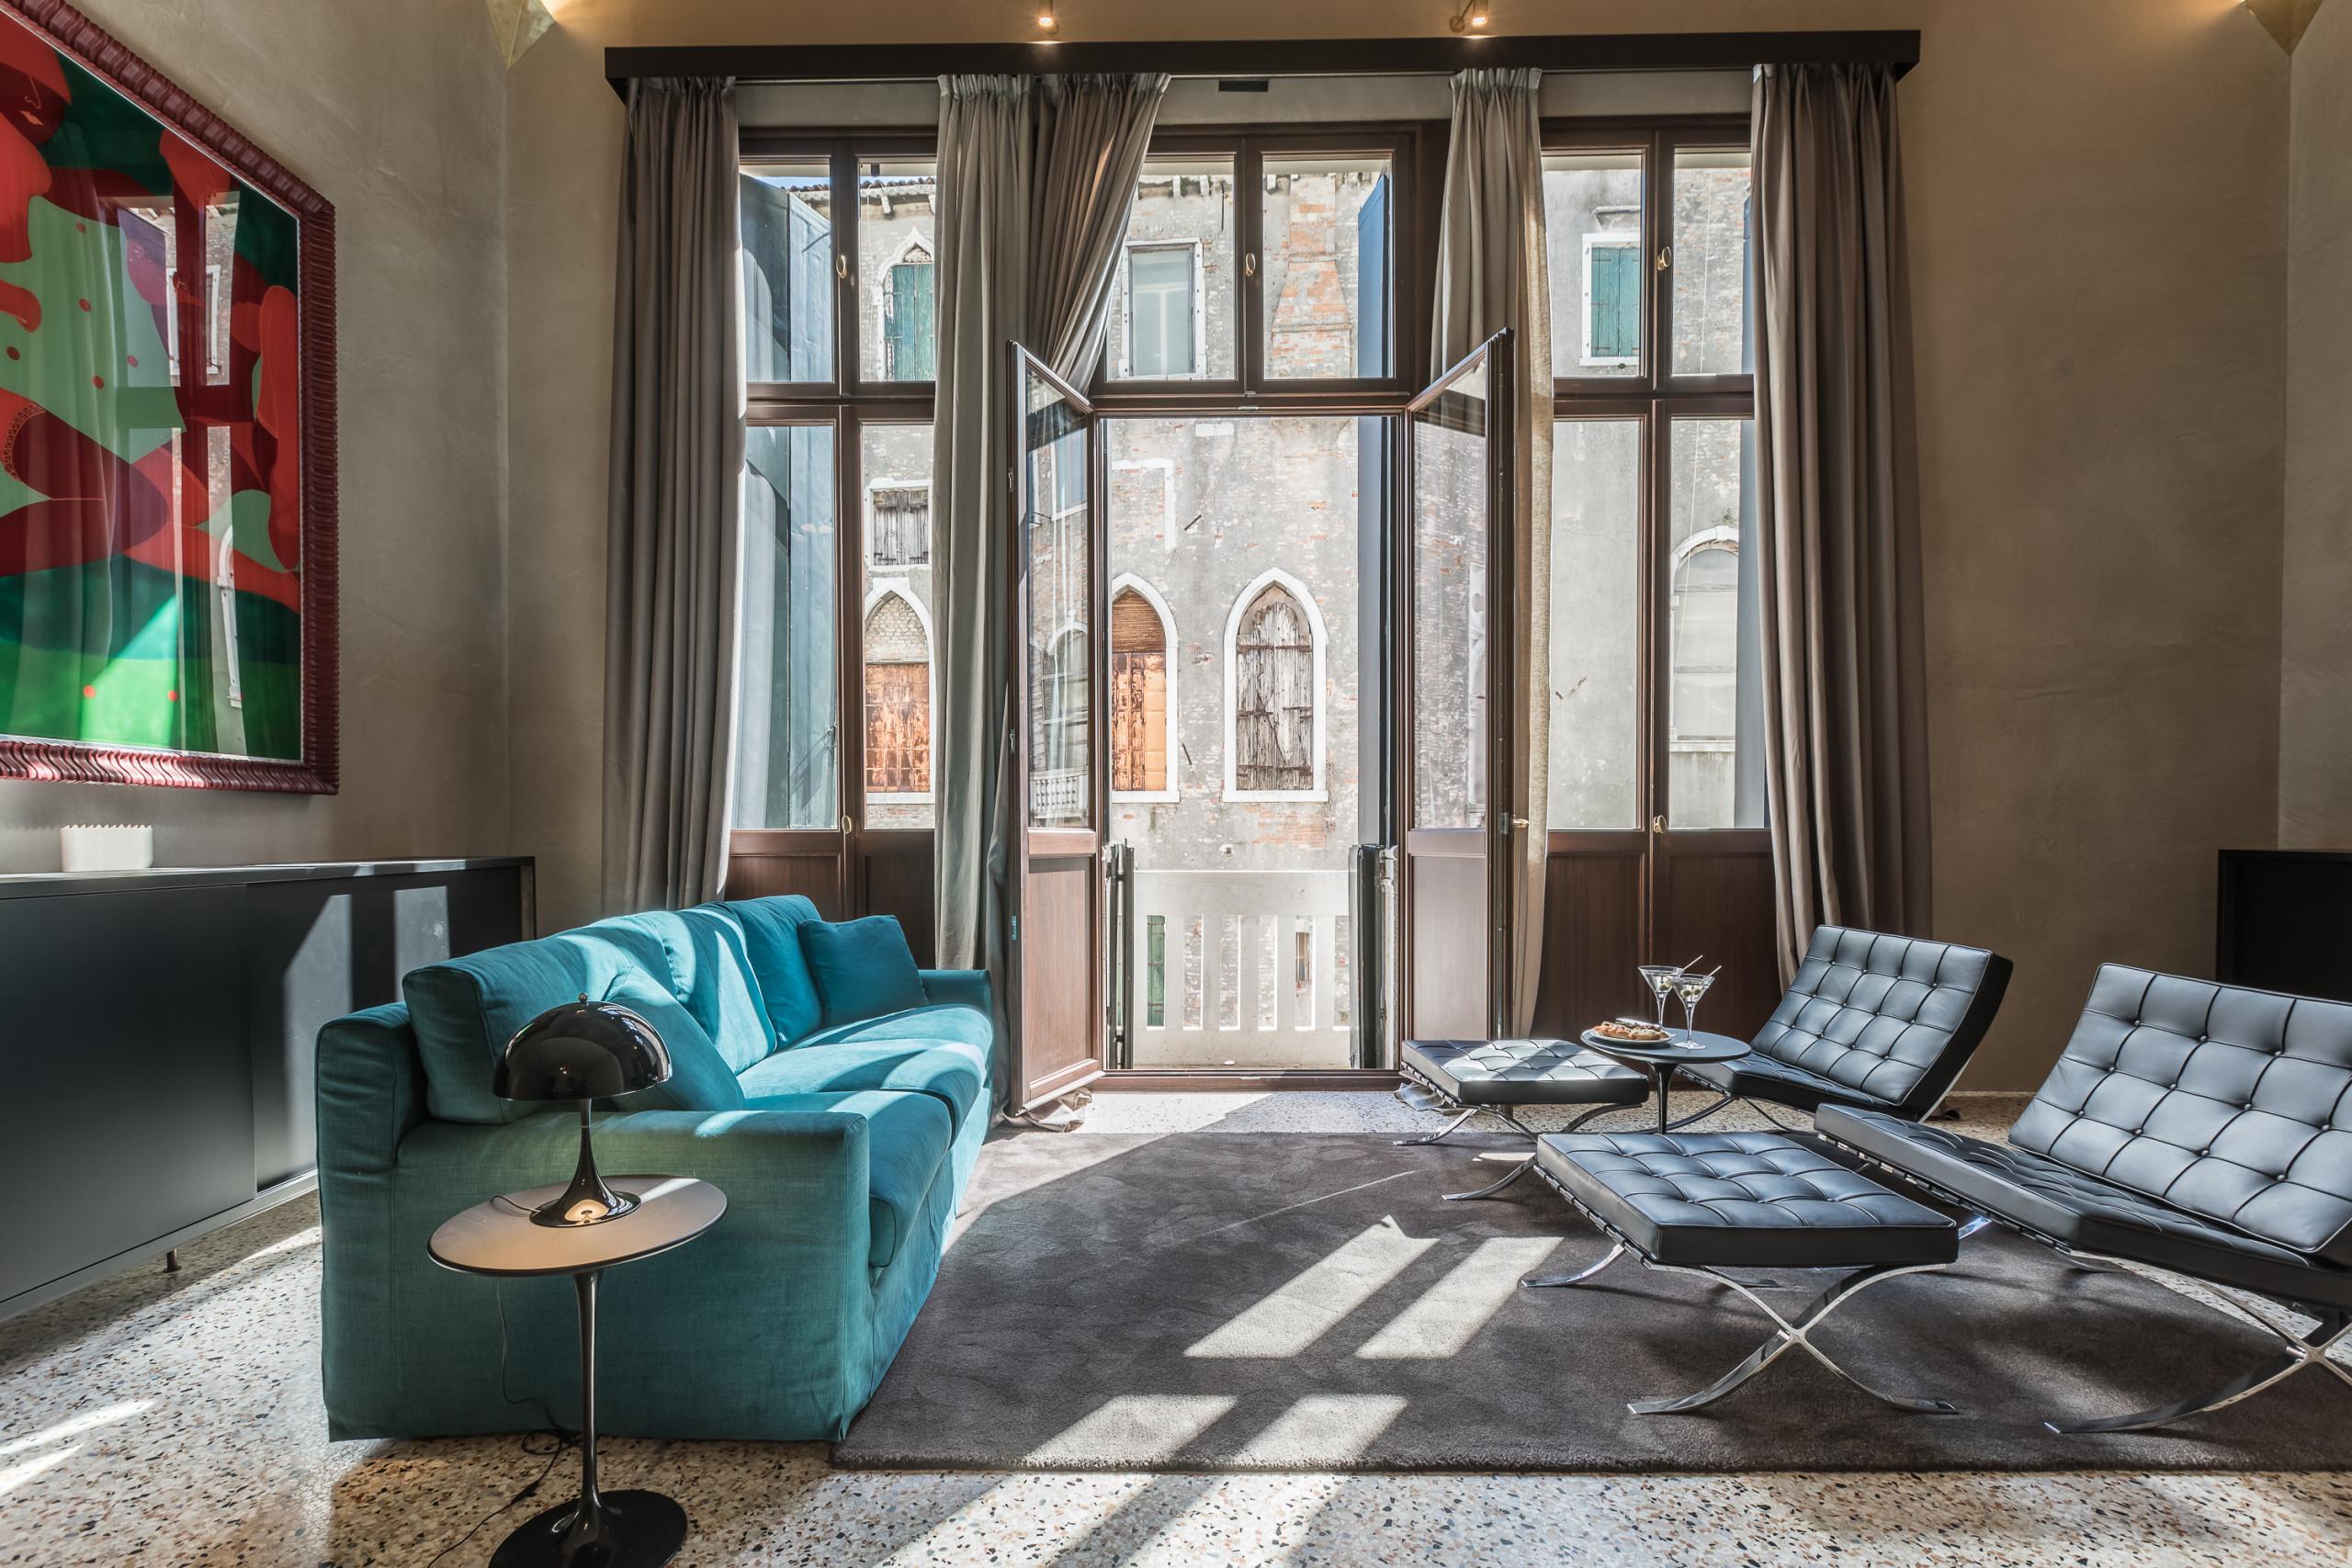 Varoter, rental apartment in cannaregio area, Venice.